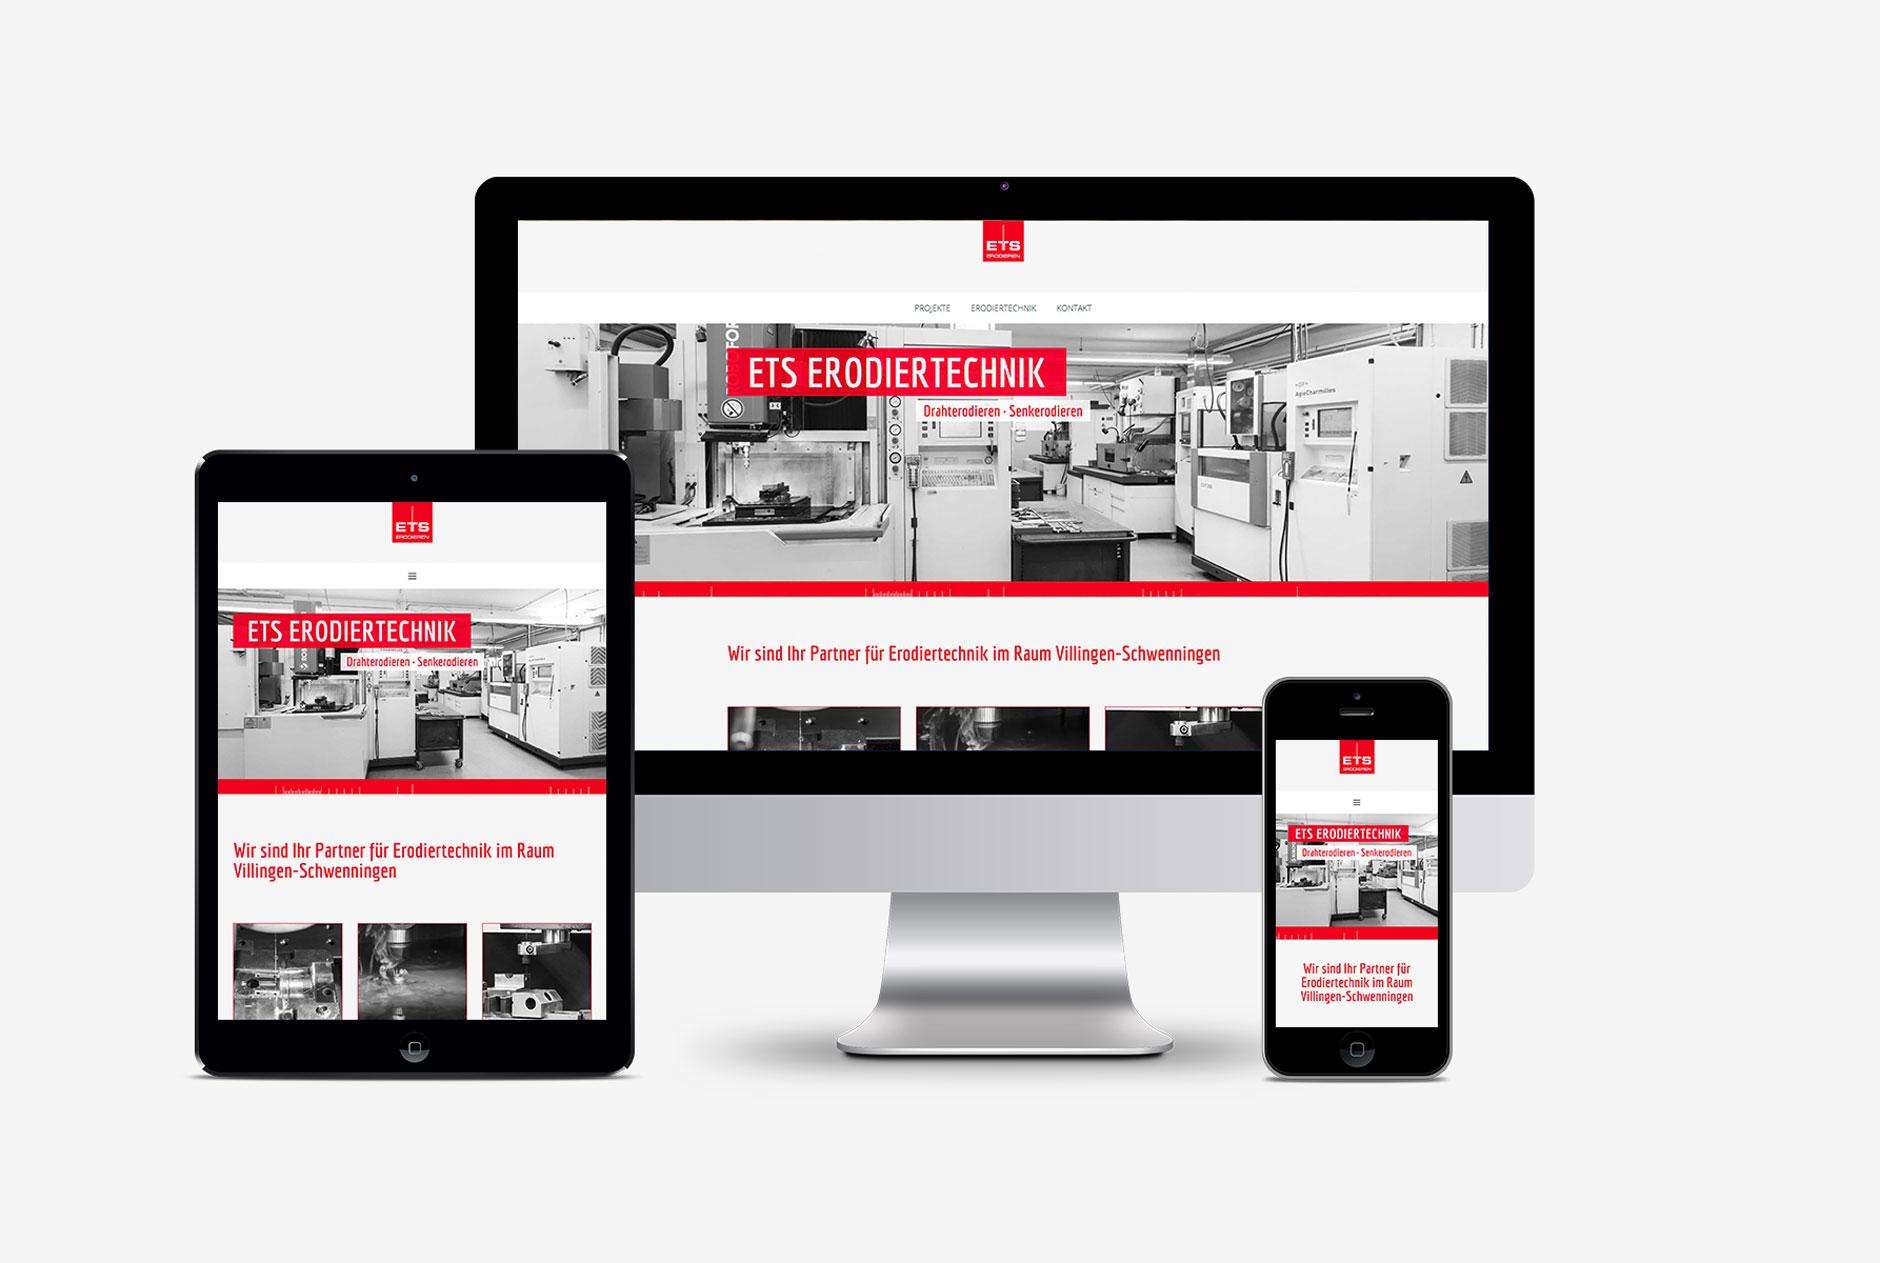 ets erodiertechnik website webdesign homepage-Webdesign ETS Erodiertechnik Villingen